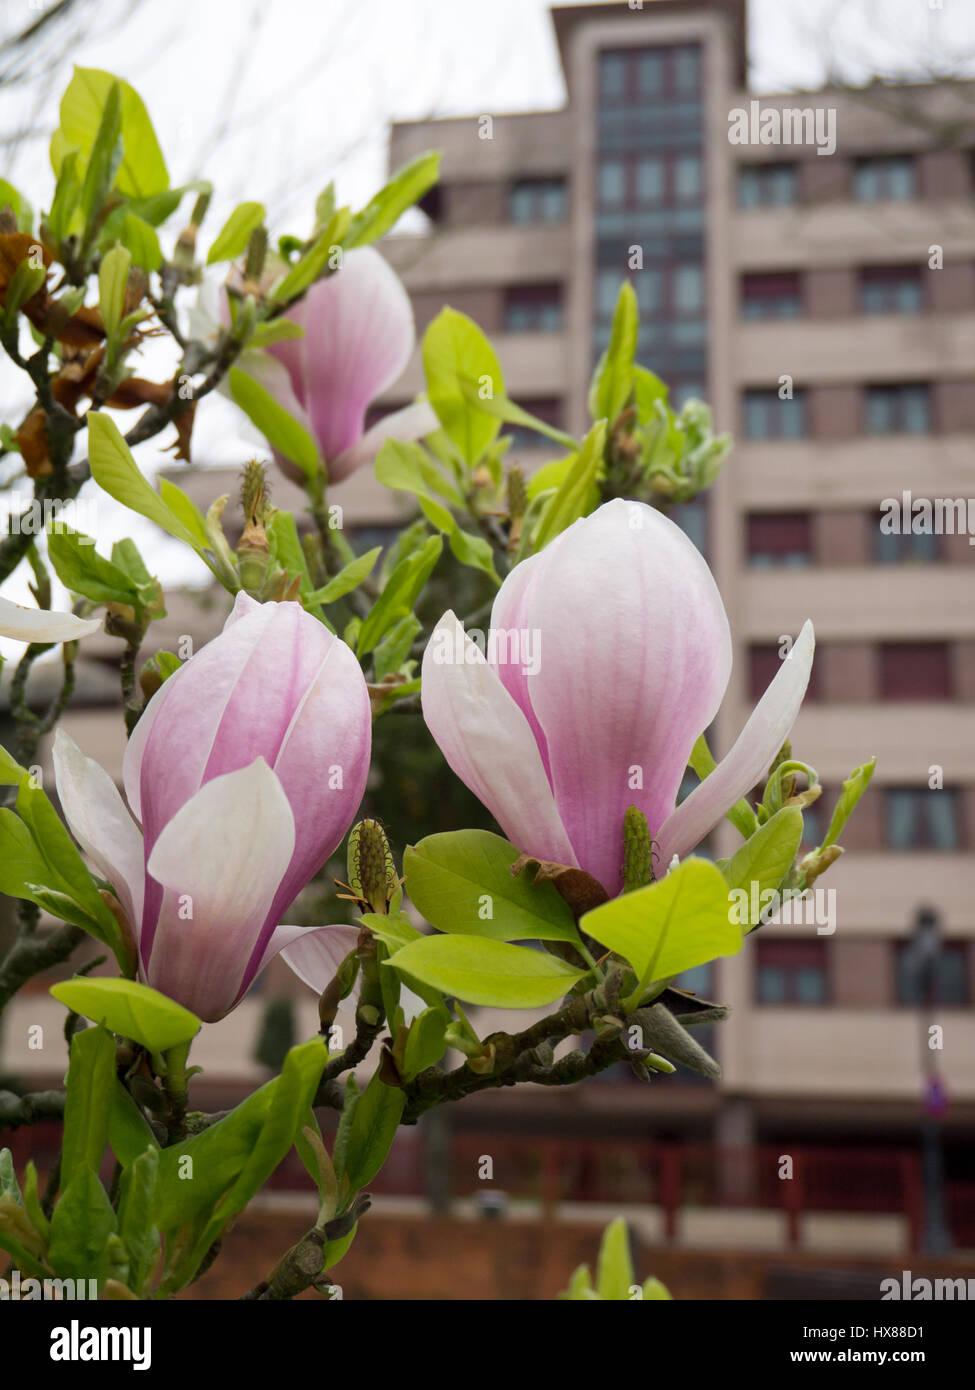 <b>Magnolia flowers blurred</b> #6996856